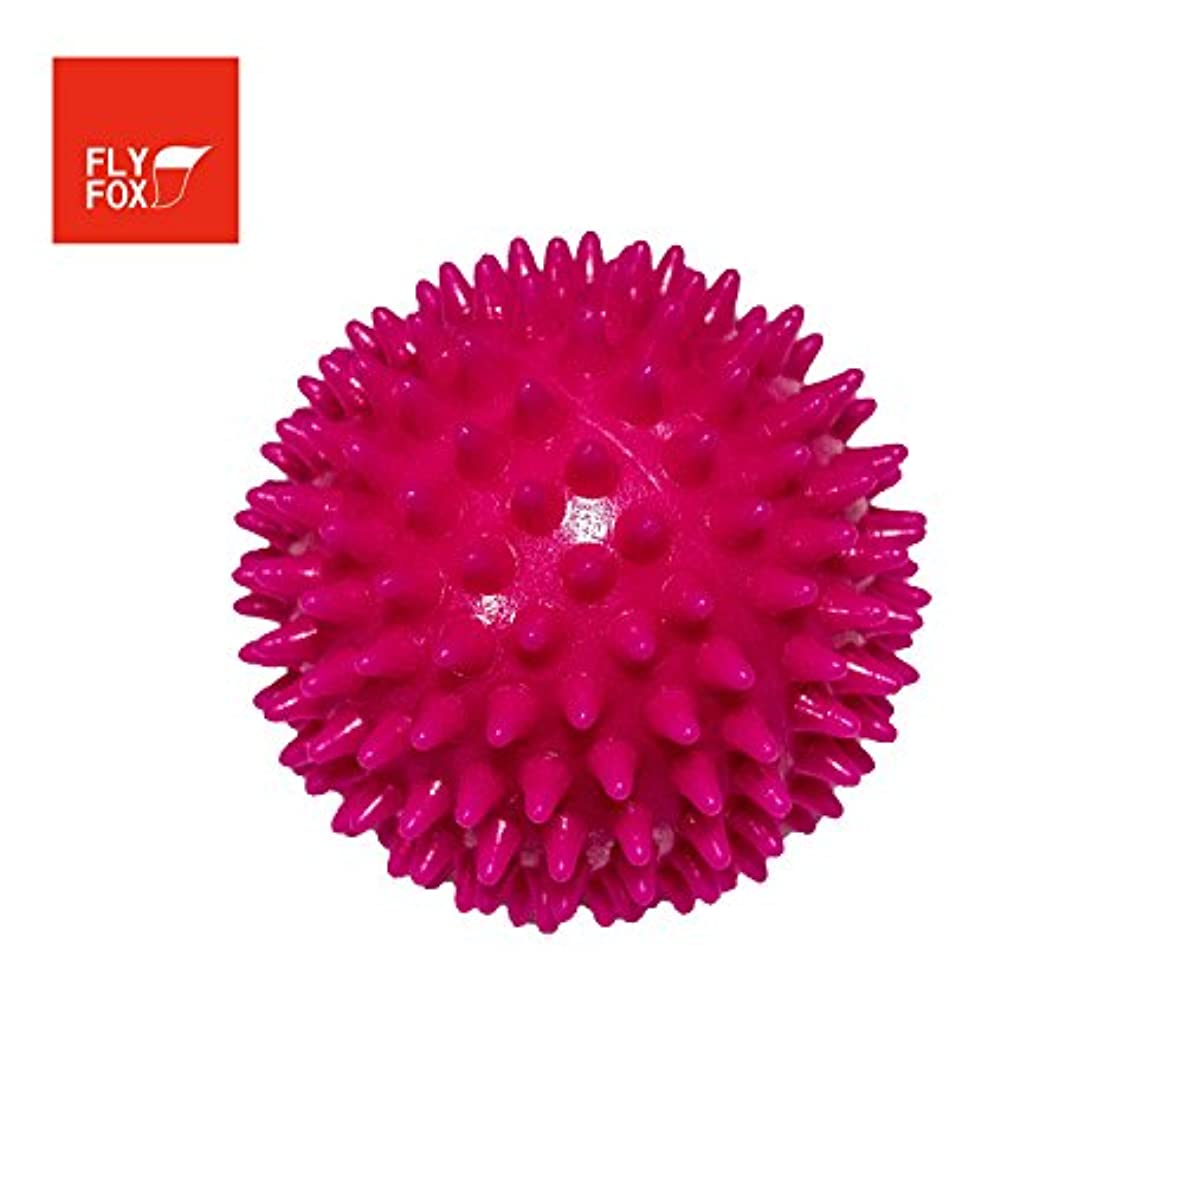 マークされたペチュランス合併FLYFOX リフレクションボール (Shocking Pink)